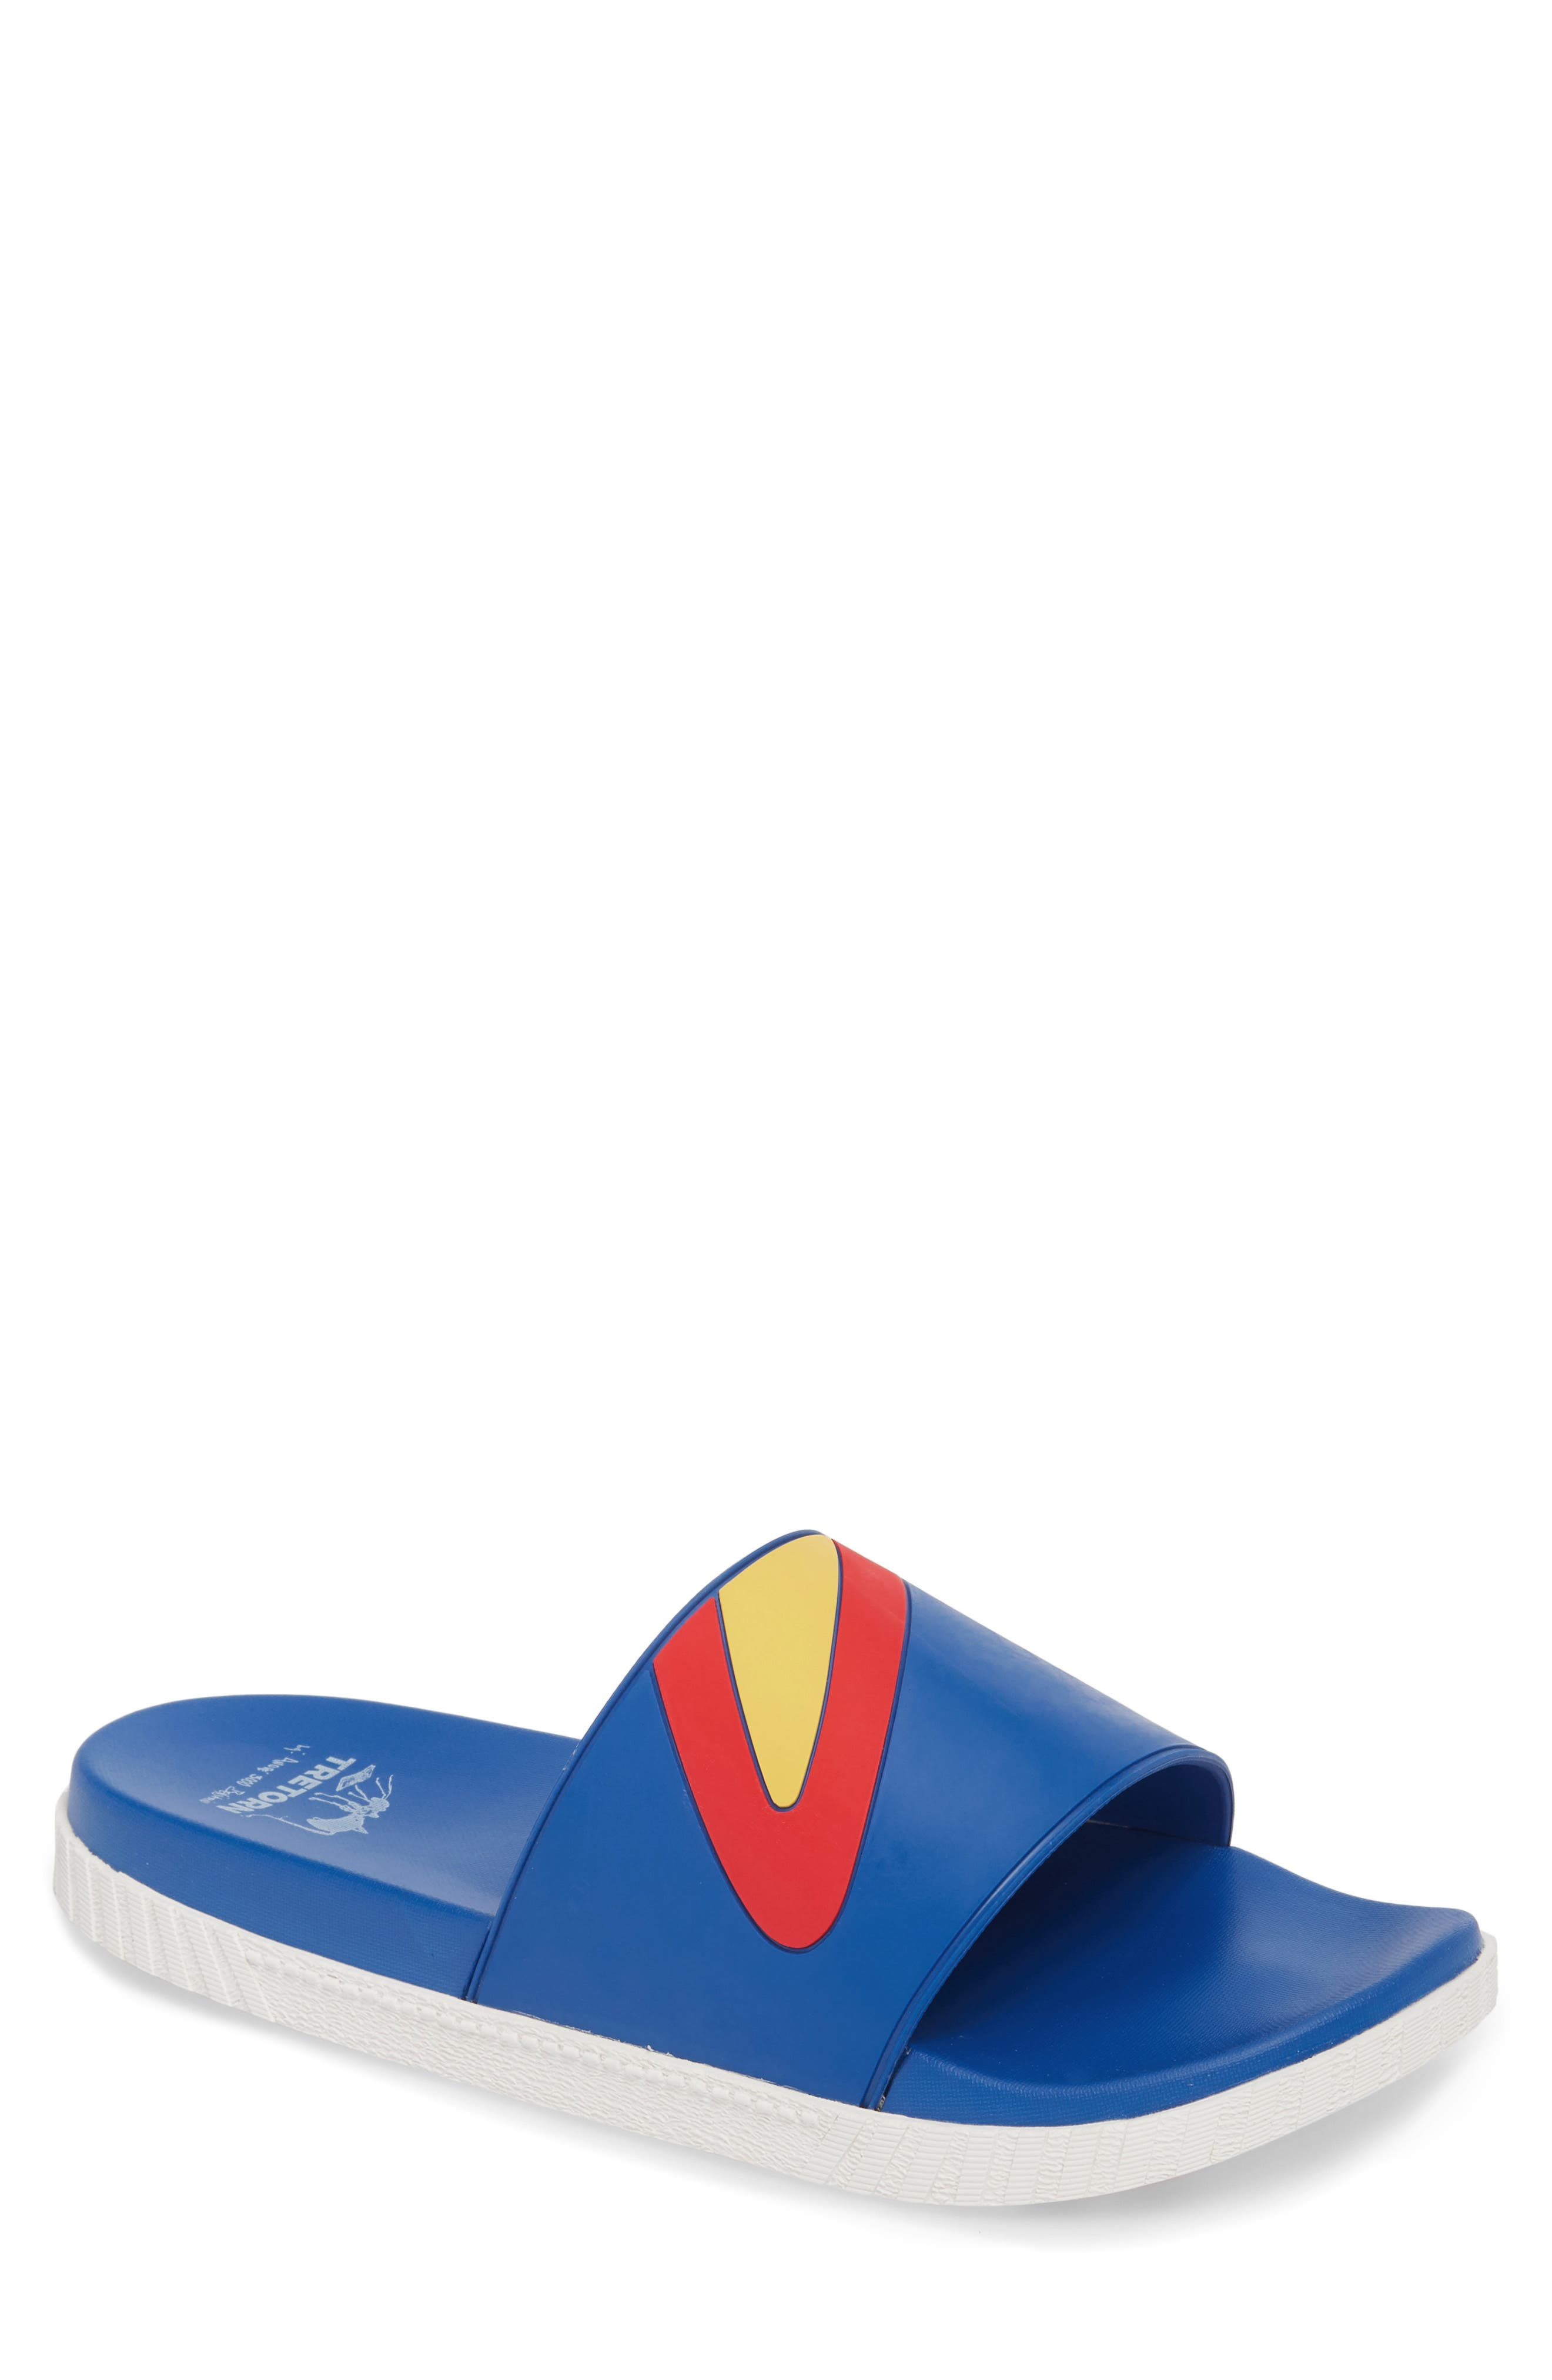 Tretorn Andre 3000 Slide Sandal (Men)